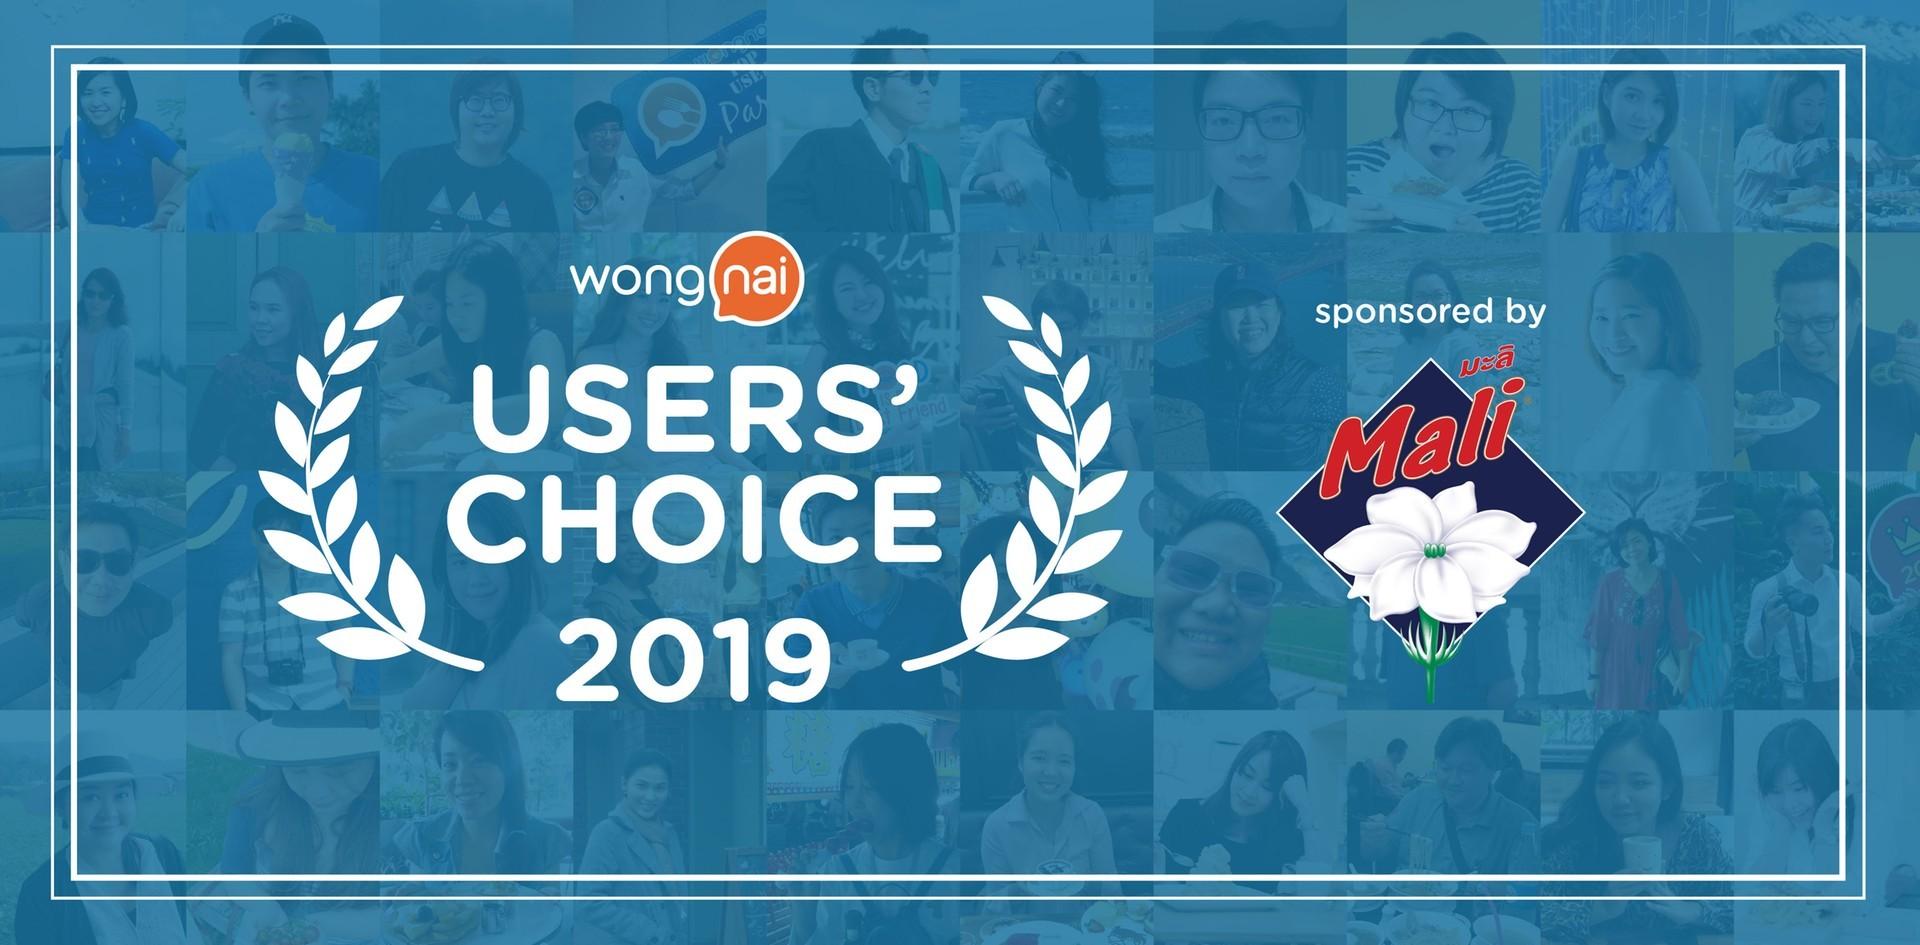 5 เหตุผลทำไม Wongnai Users' Choice 2019 ถึงเป็นรางวัลของคนไทย!